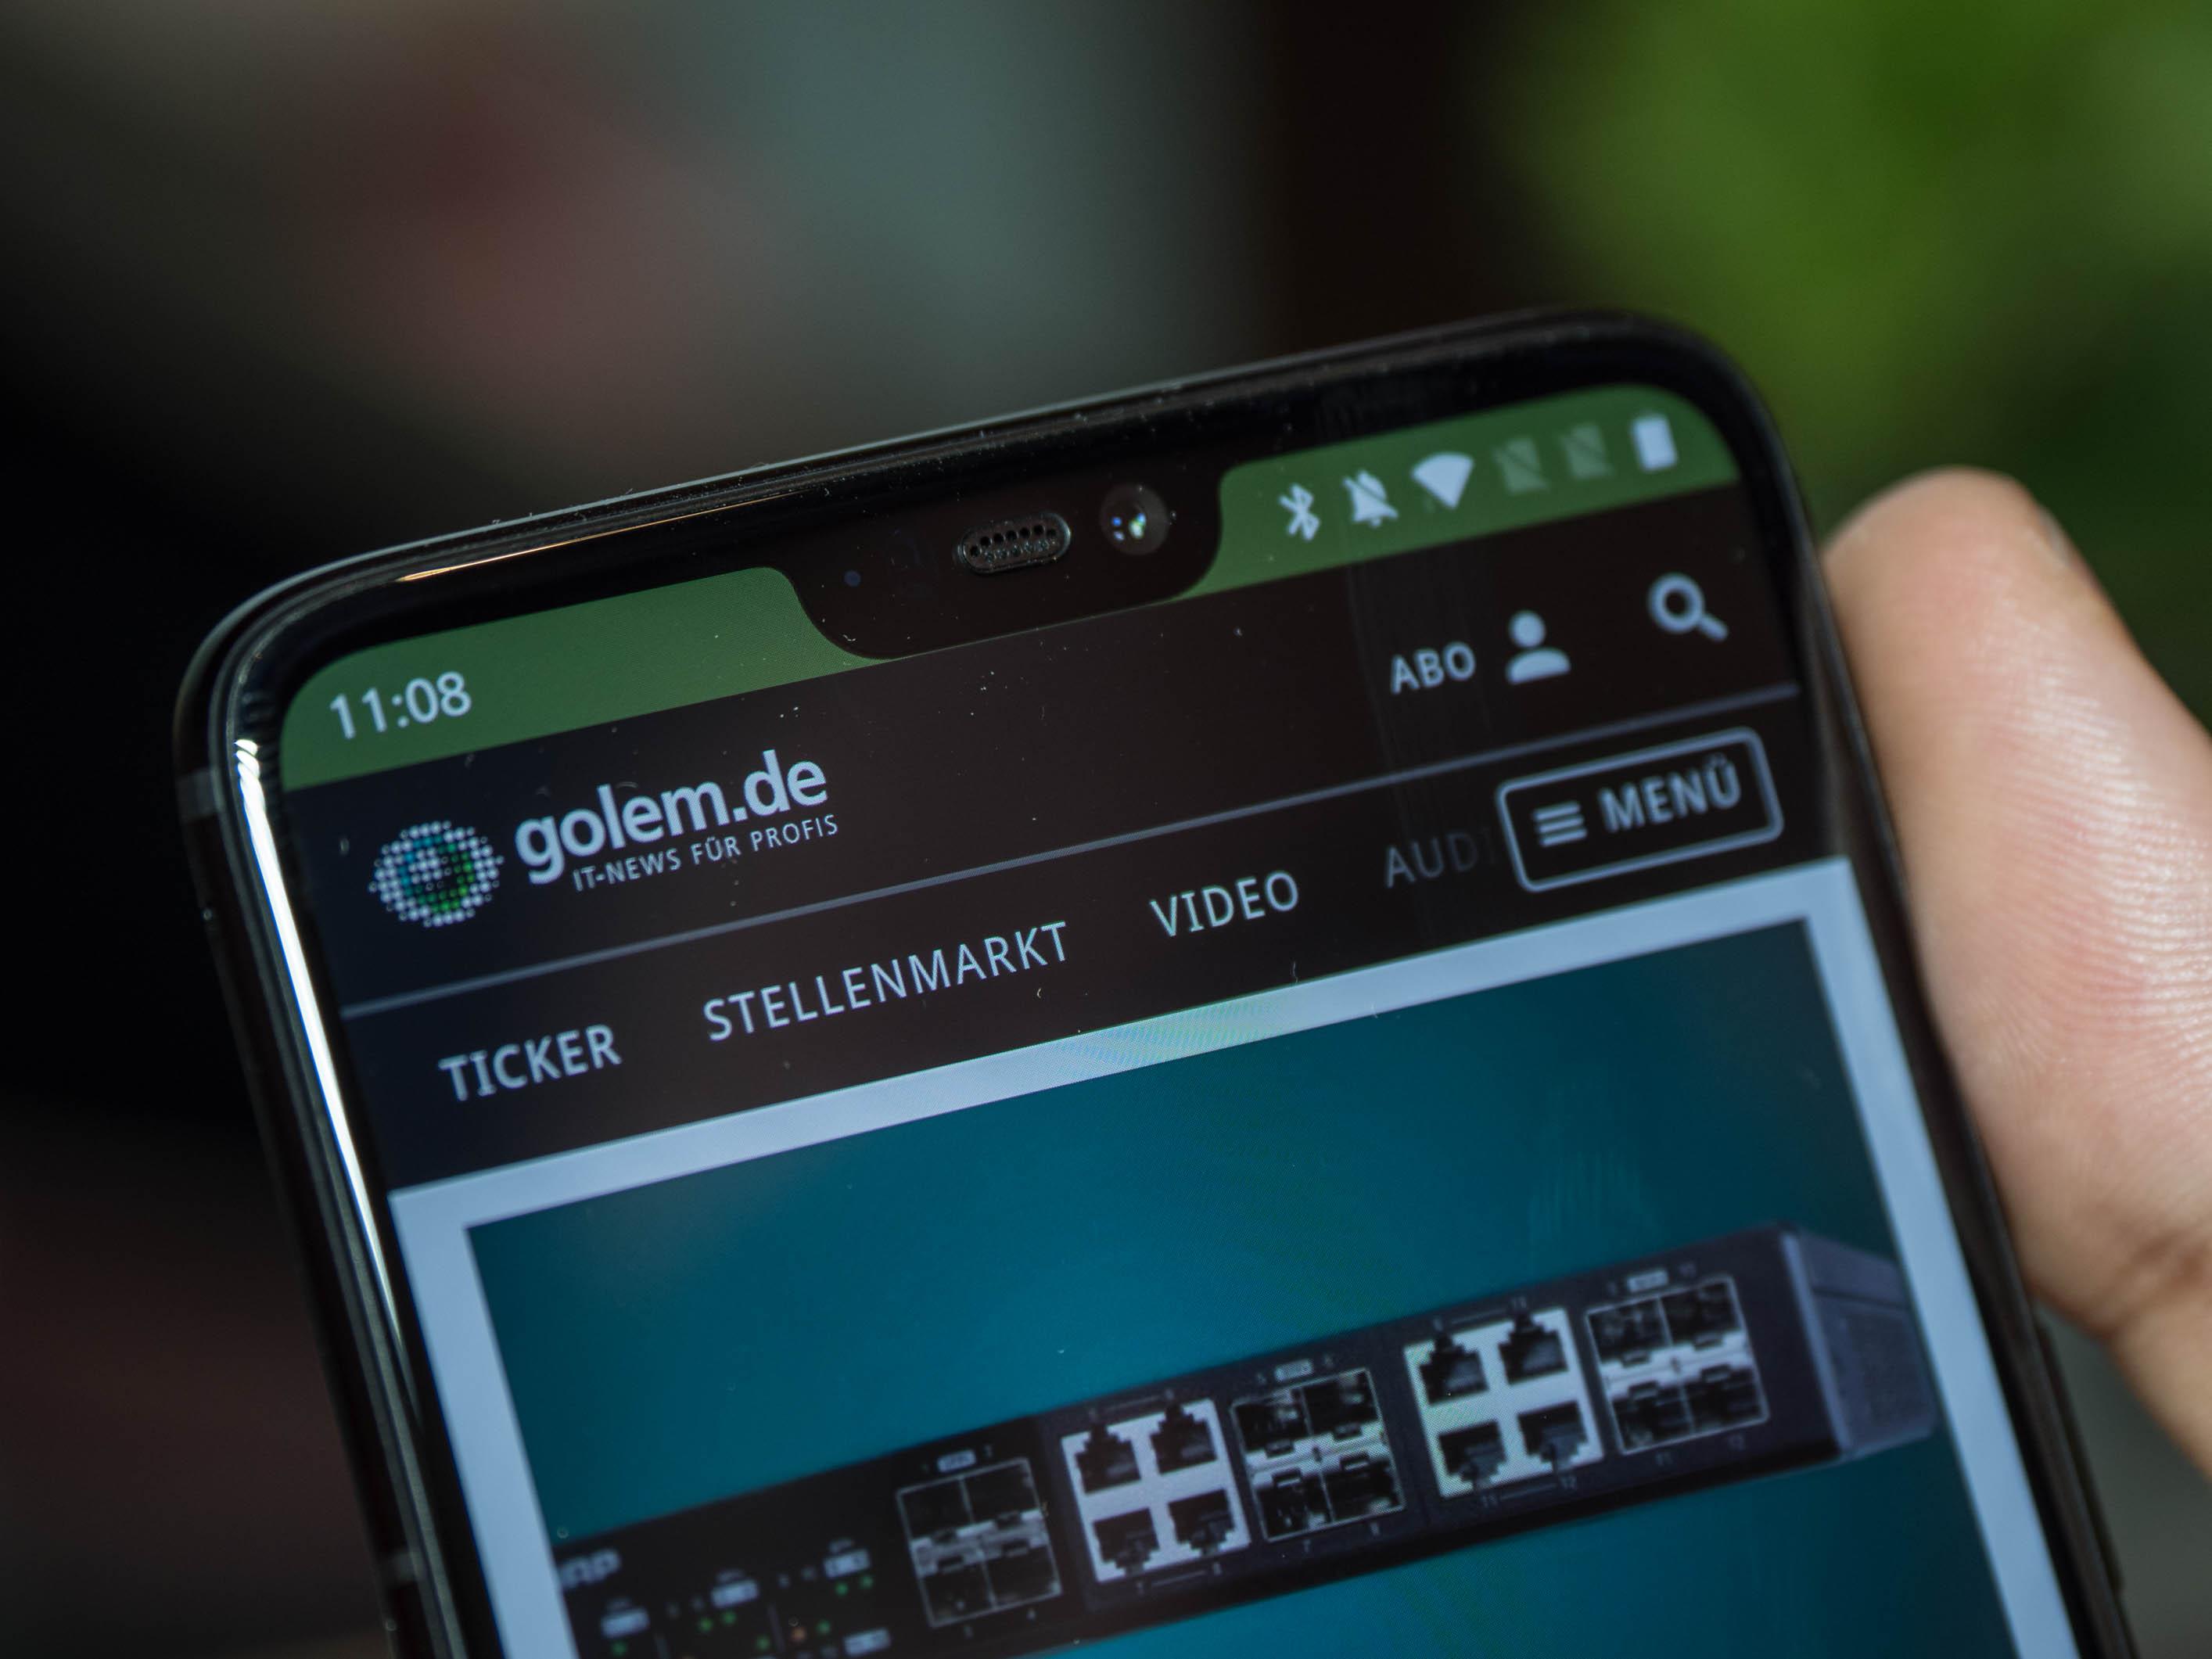 Android-Smartphone: Neues Oneplus 6 kostet ab 520 Euro - Das Oneplus 6 hat eine Einbuchtung am oberen Rand des Displays. (Bild: Martin Wolf/Golem.de)